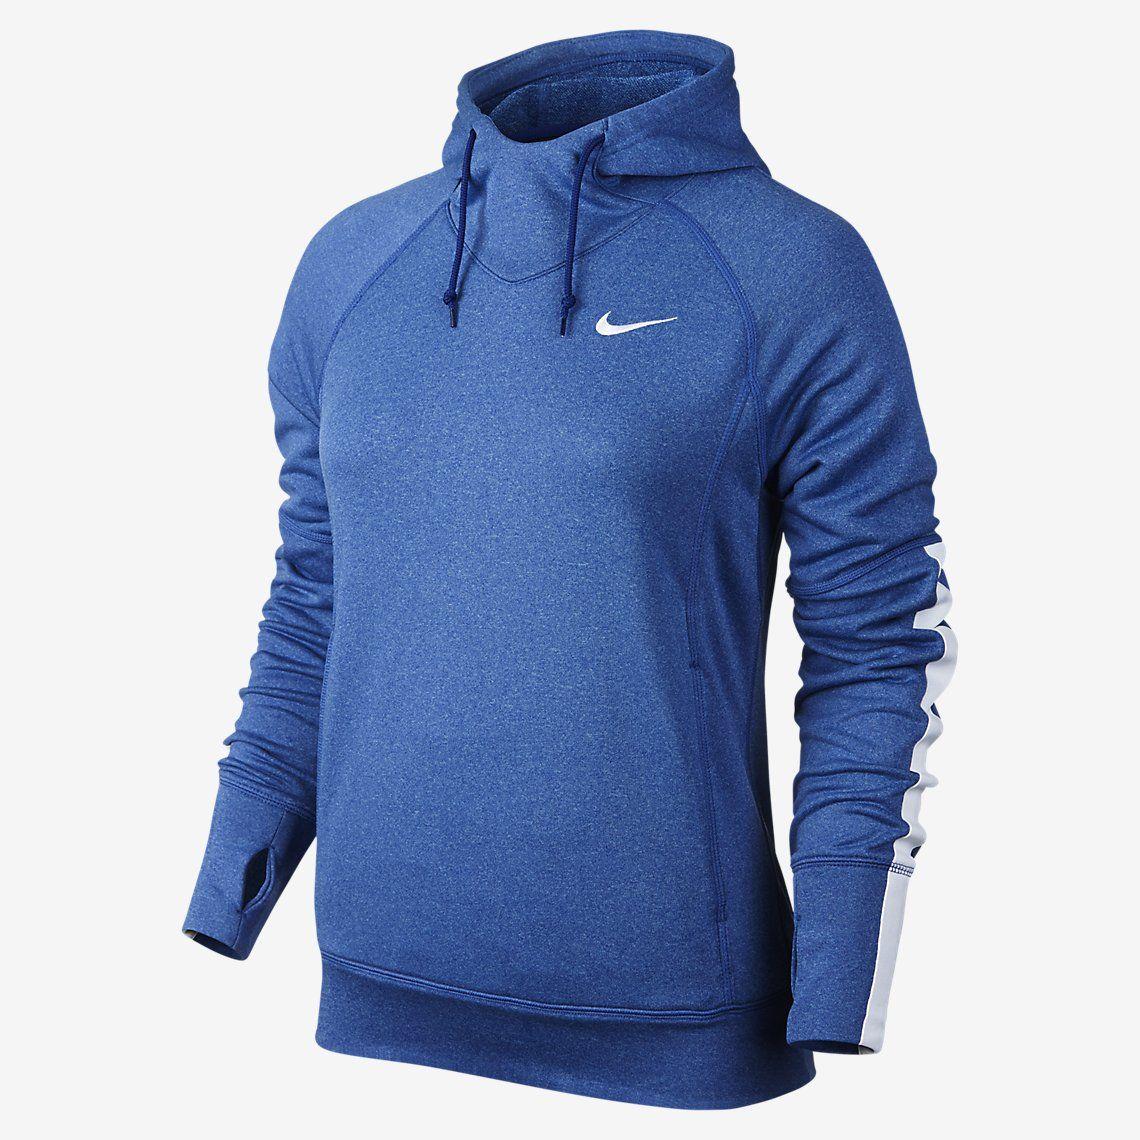 da9e0294f22 Nike Dri-FIT Comfort Pullover Women's Soccer Hoodie. Nike Store ...